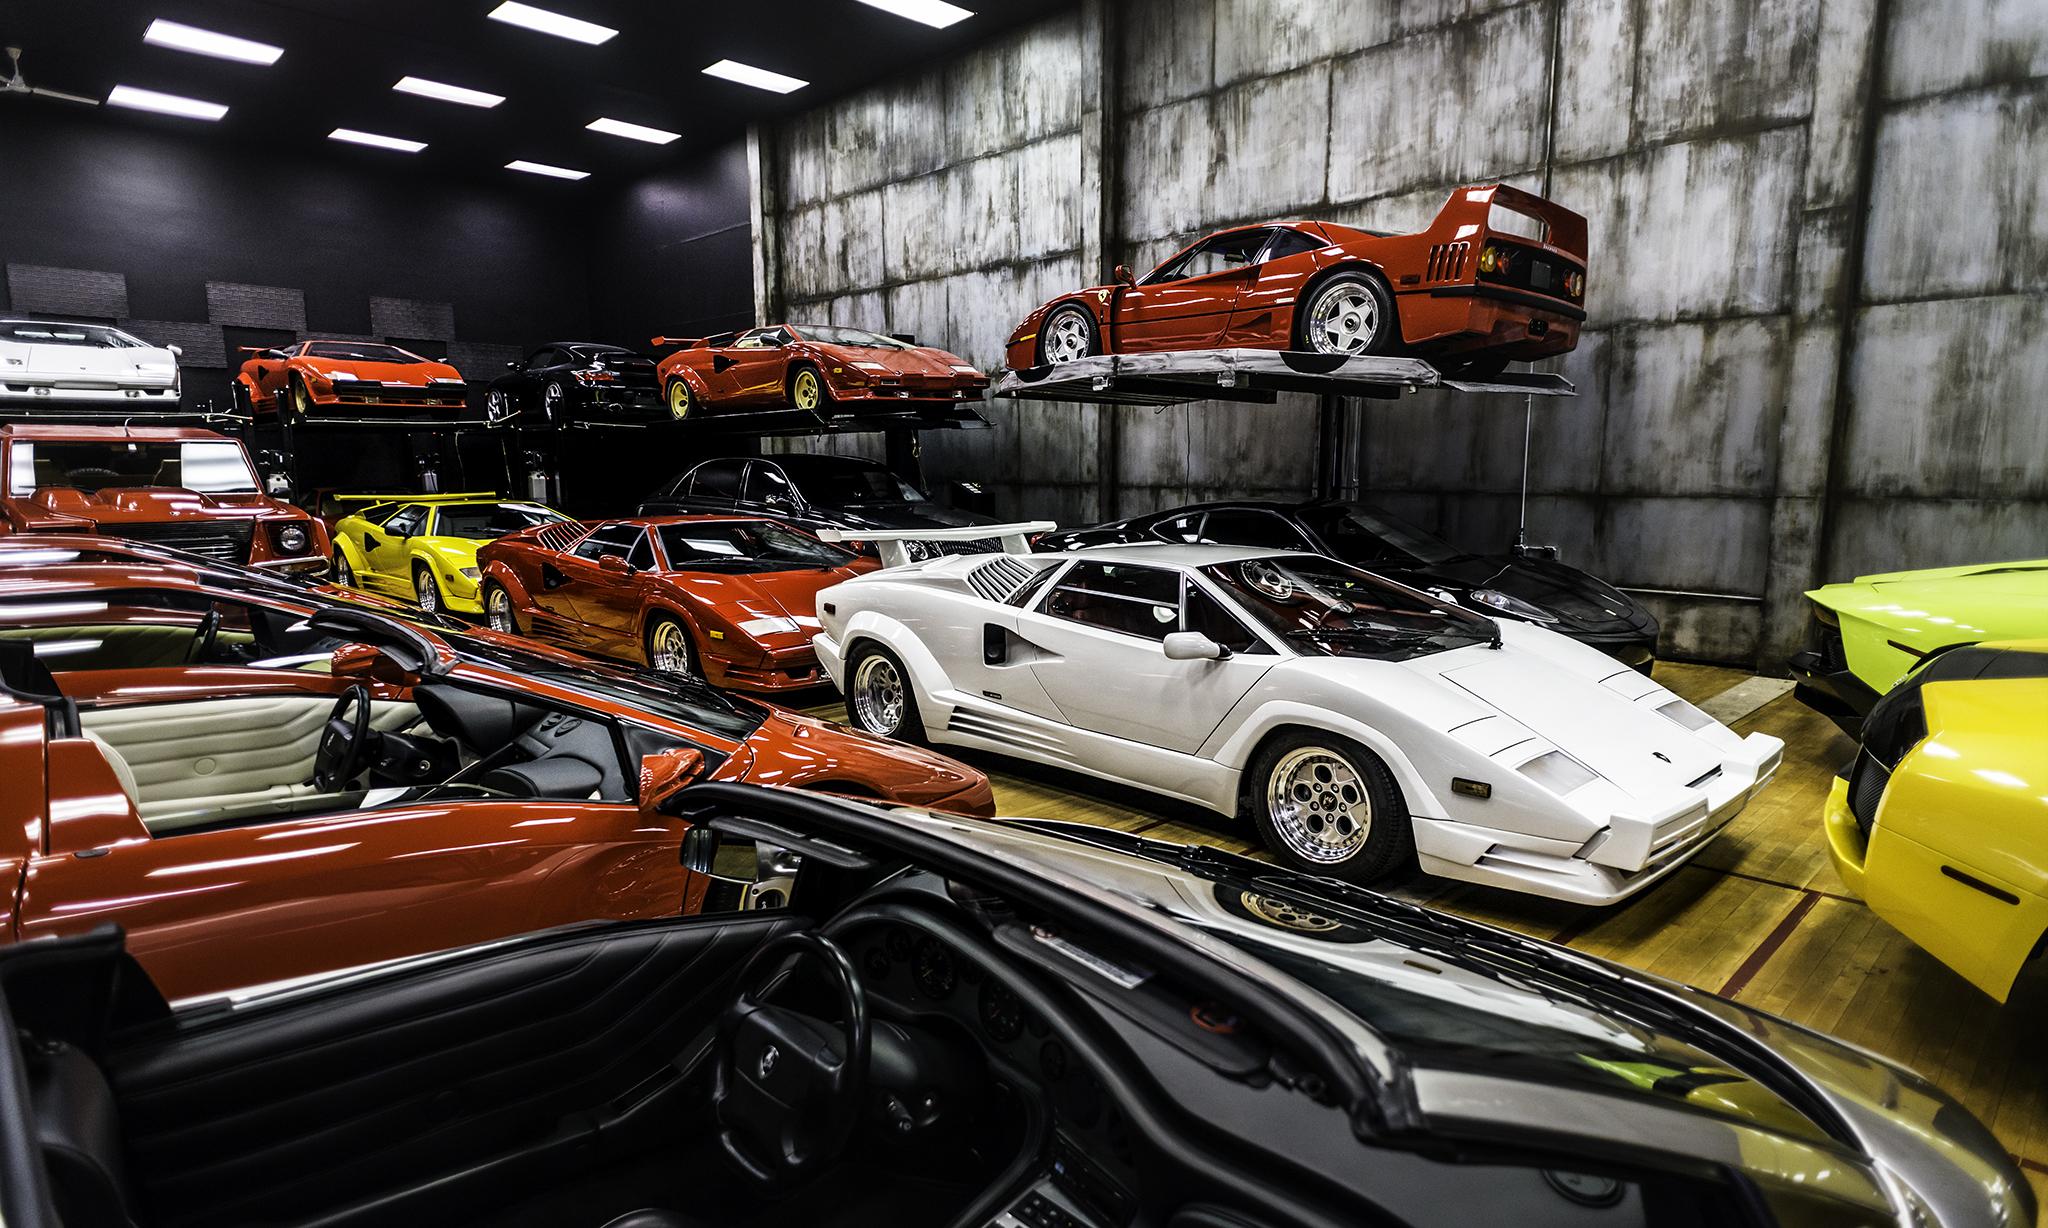 16_interstate_motorsport_tour_header Amazing Ferrari Agostini Auto Junior Mondial Cabriolet Cars Trend